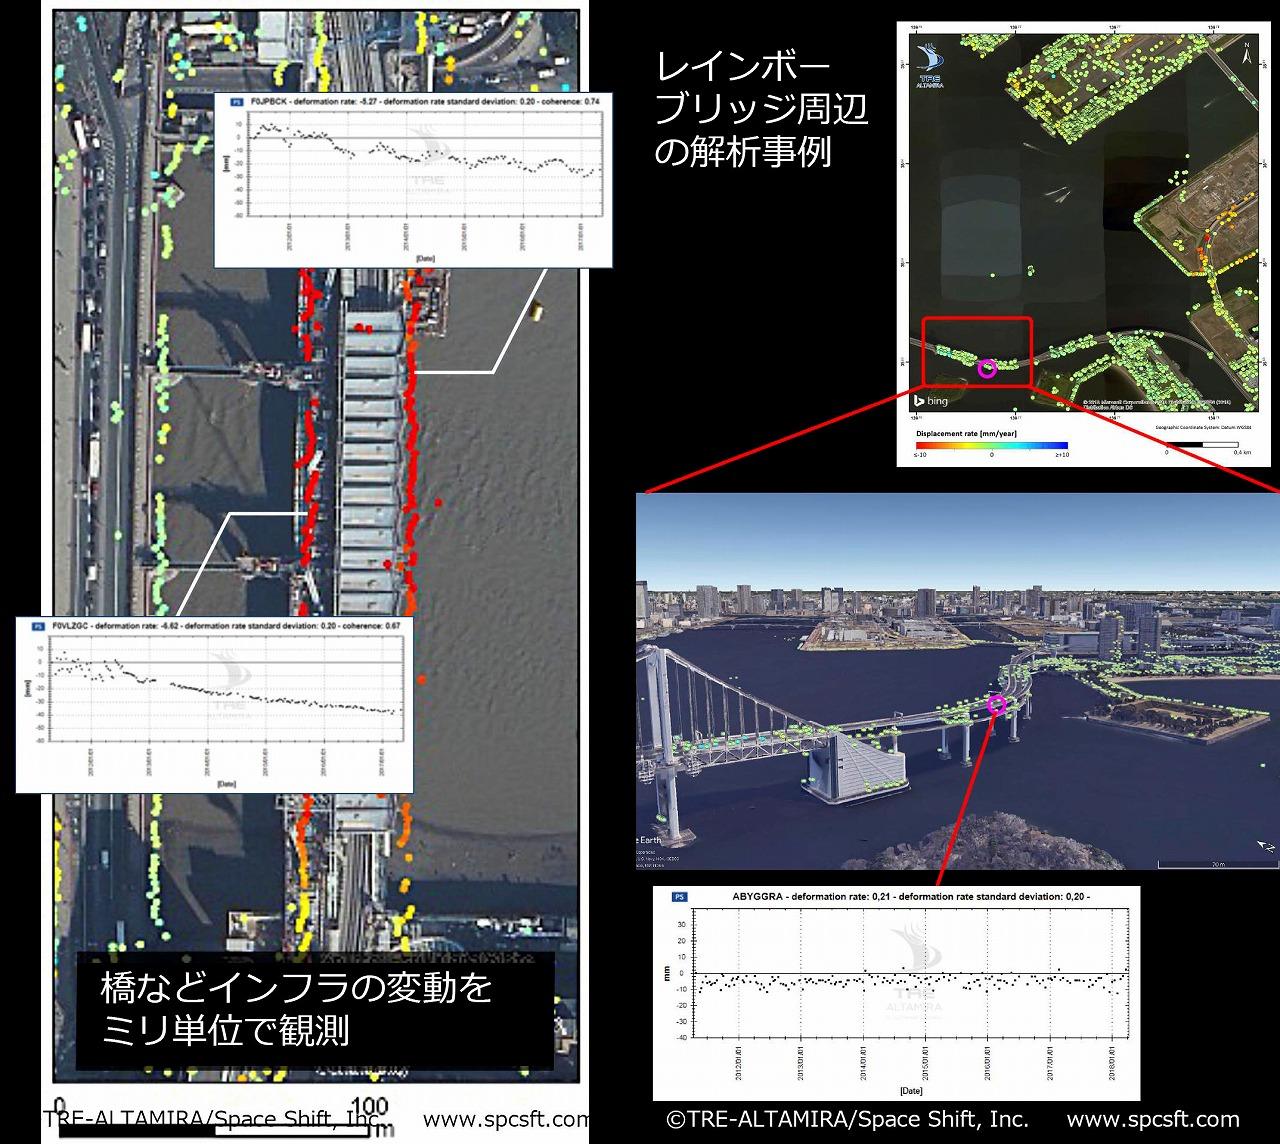 都市のデジタルツインを使った橋の変位計測の例